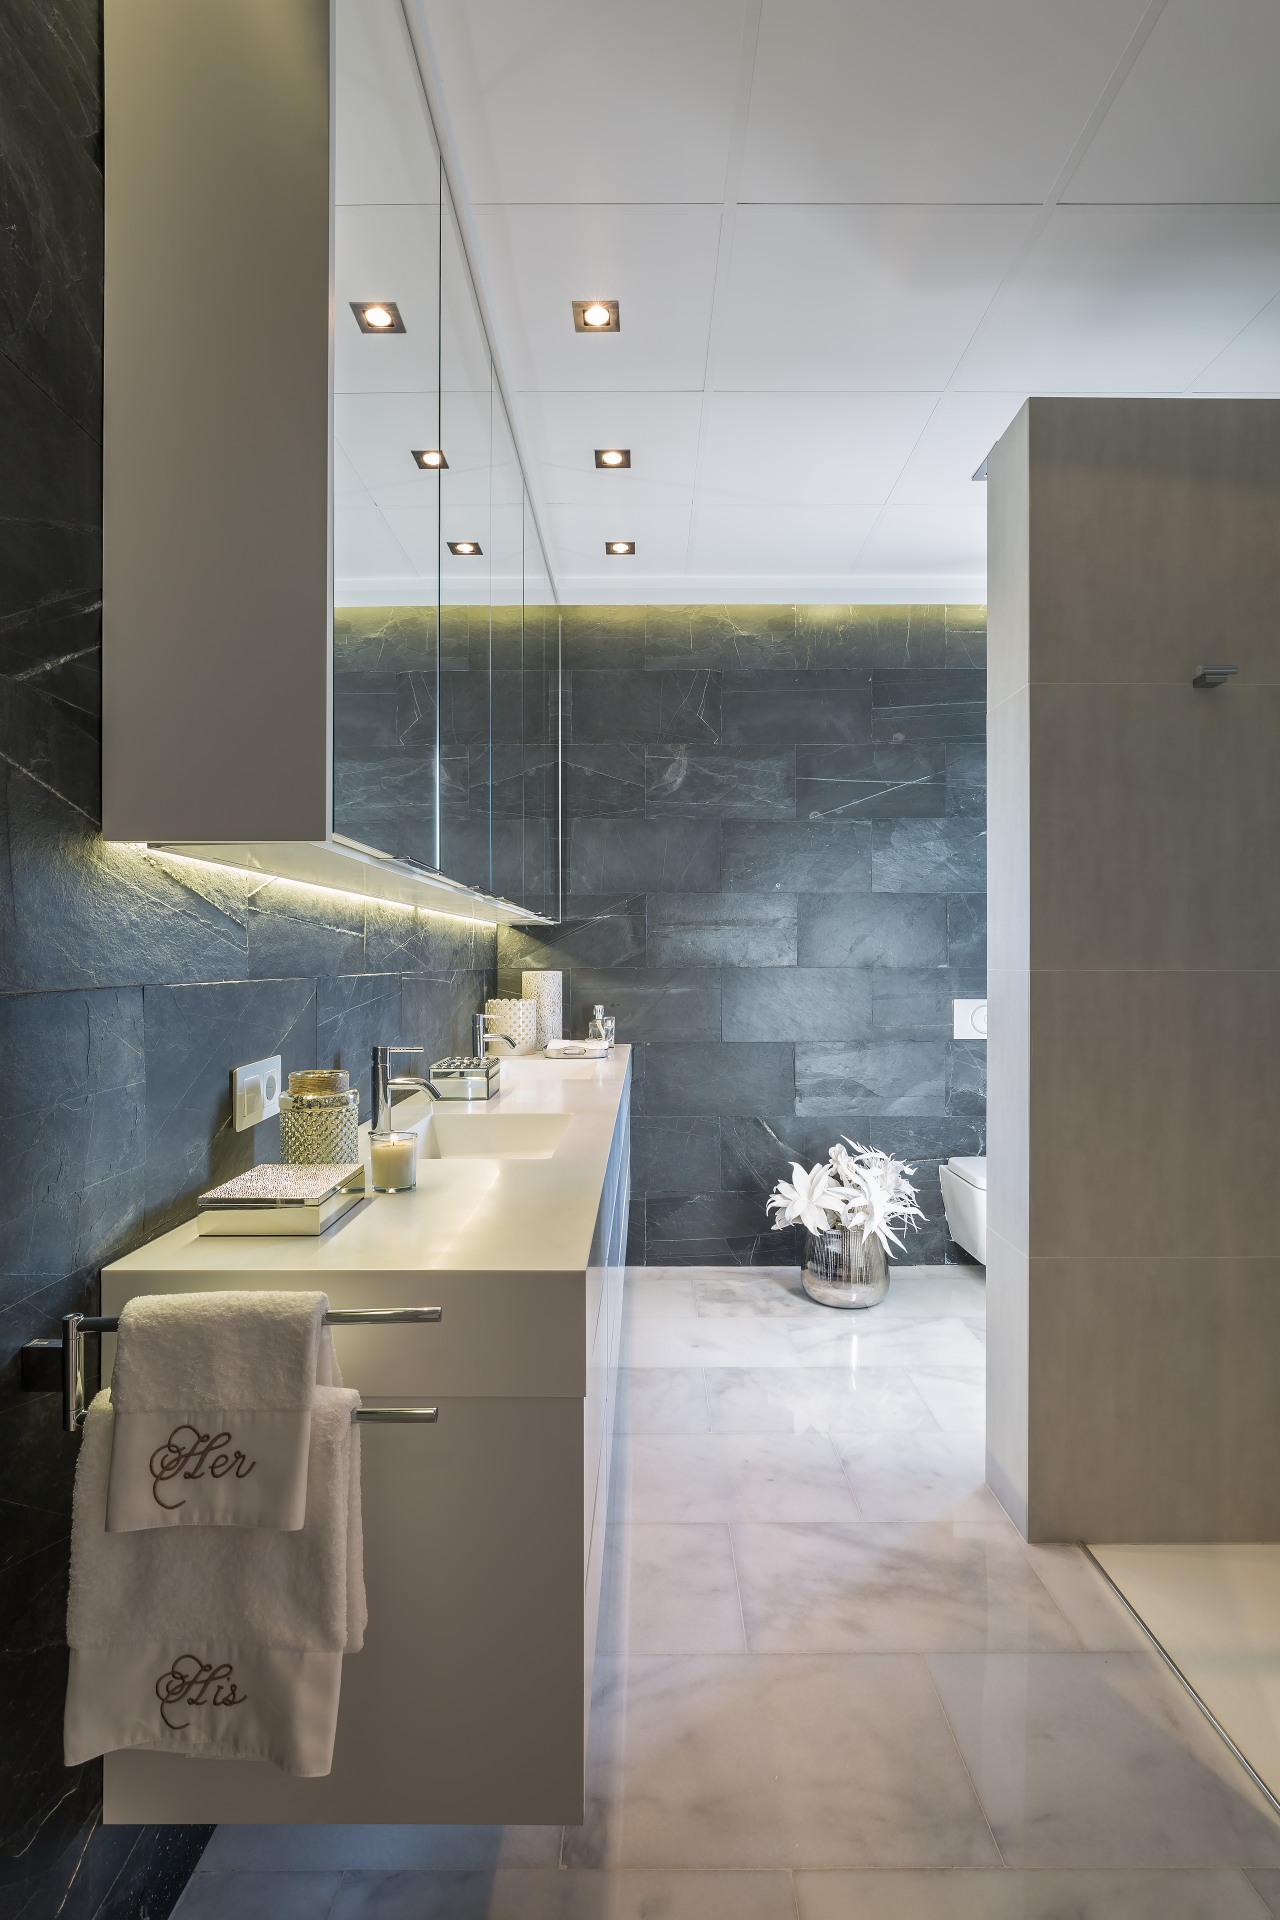 fotografia-arquitectura-interiorismo-valencia-alicante-moraira-german-cabo-laura-yerpes (28)